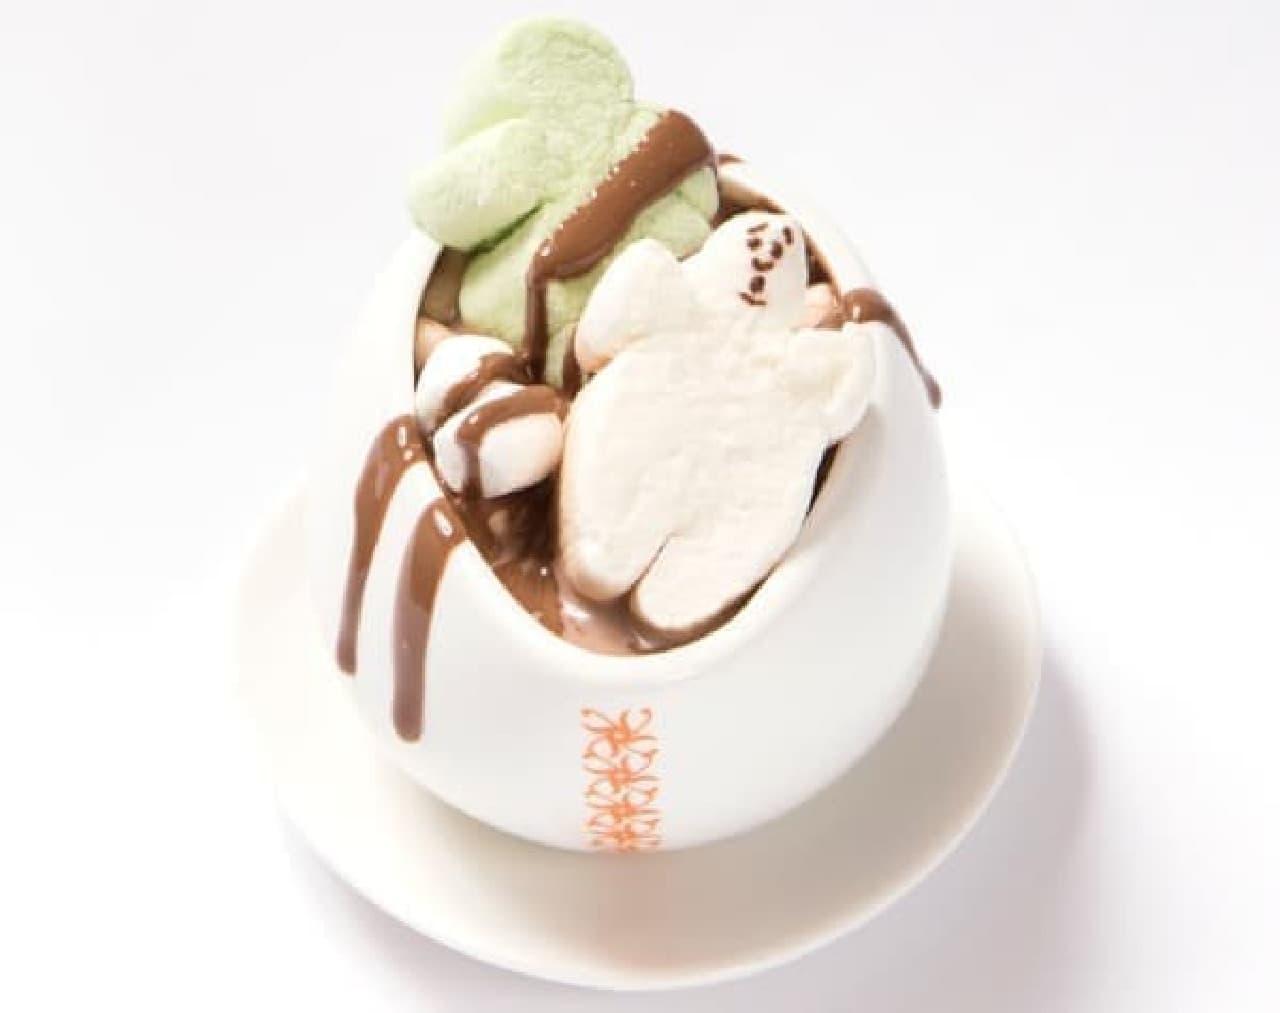 マックスブレナー「ゴースト ホットチョコレート」